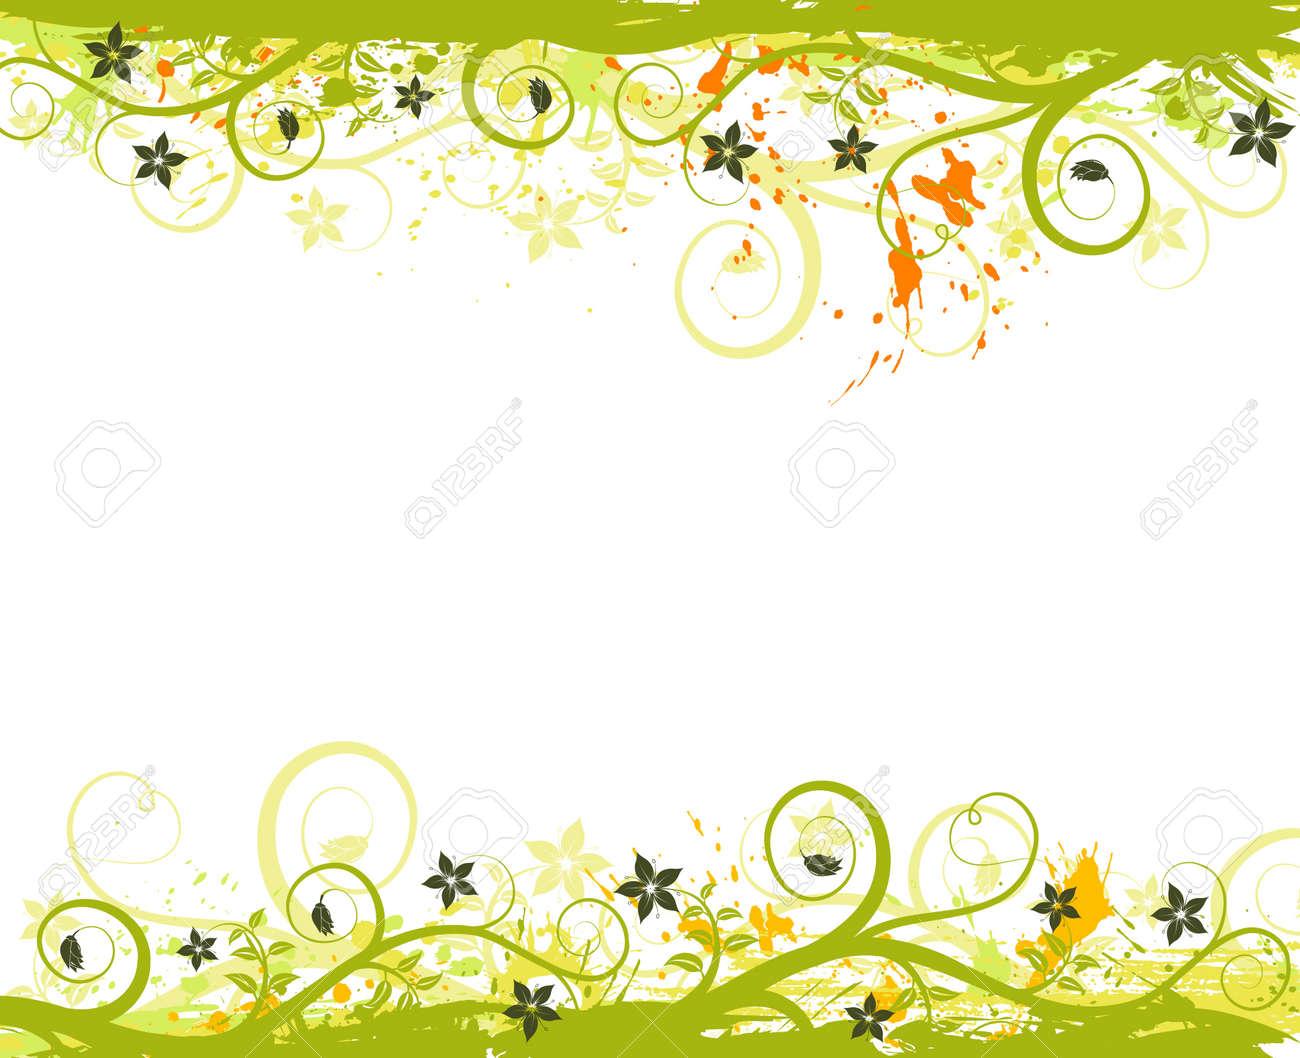 Grunge paint flower frame, element for design, vector illustration Stock Illustration - 990270